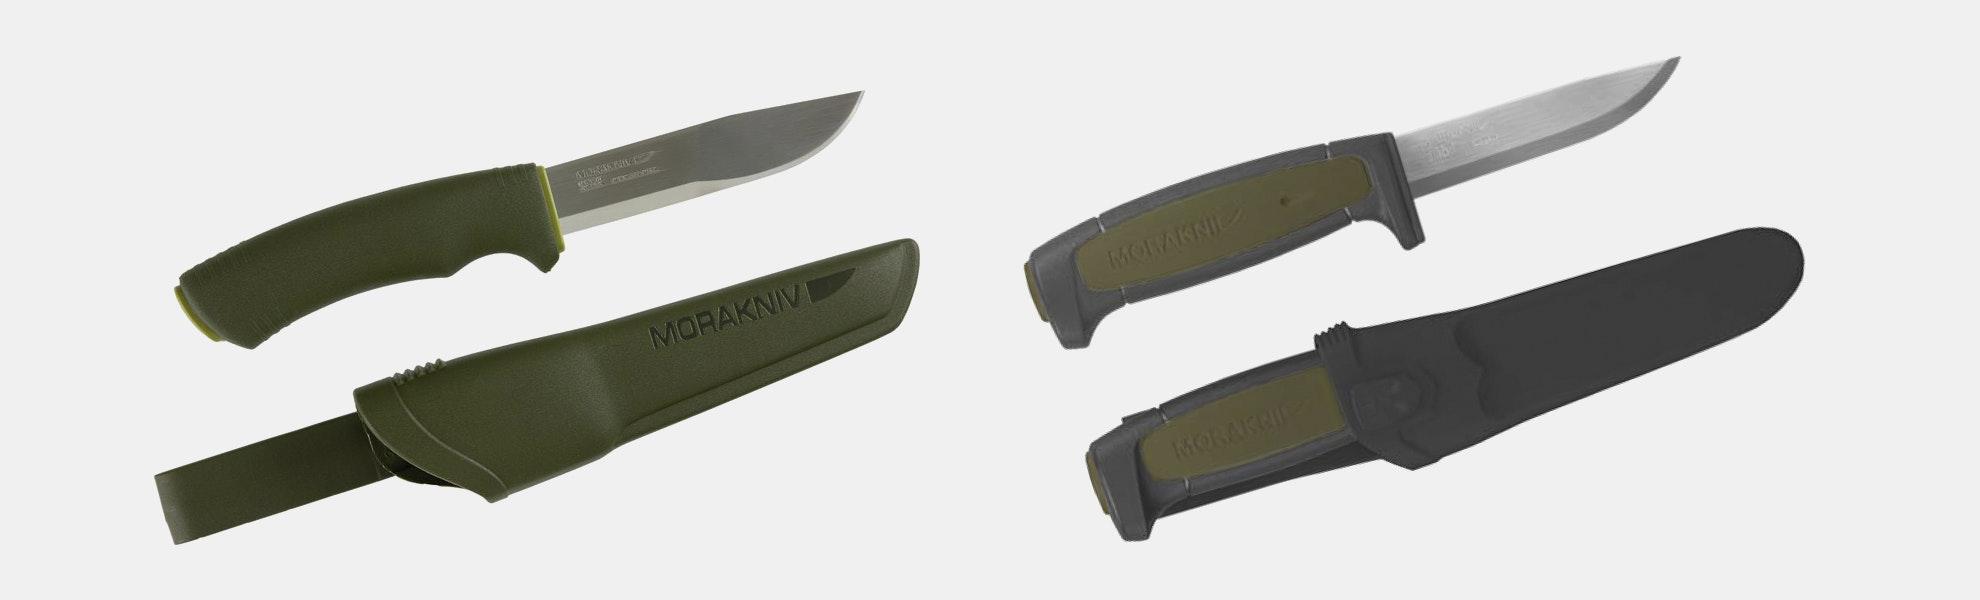 Morakniv Bushcraft & Basic 511 Knife Bundle